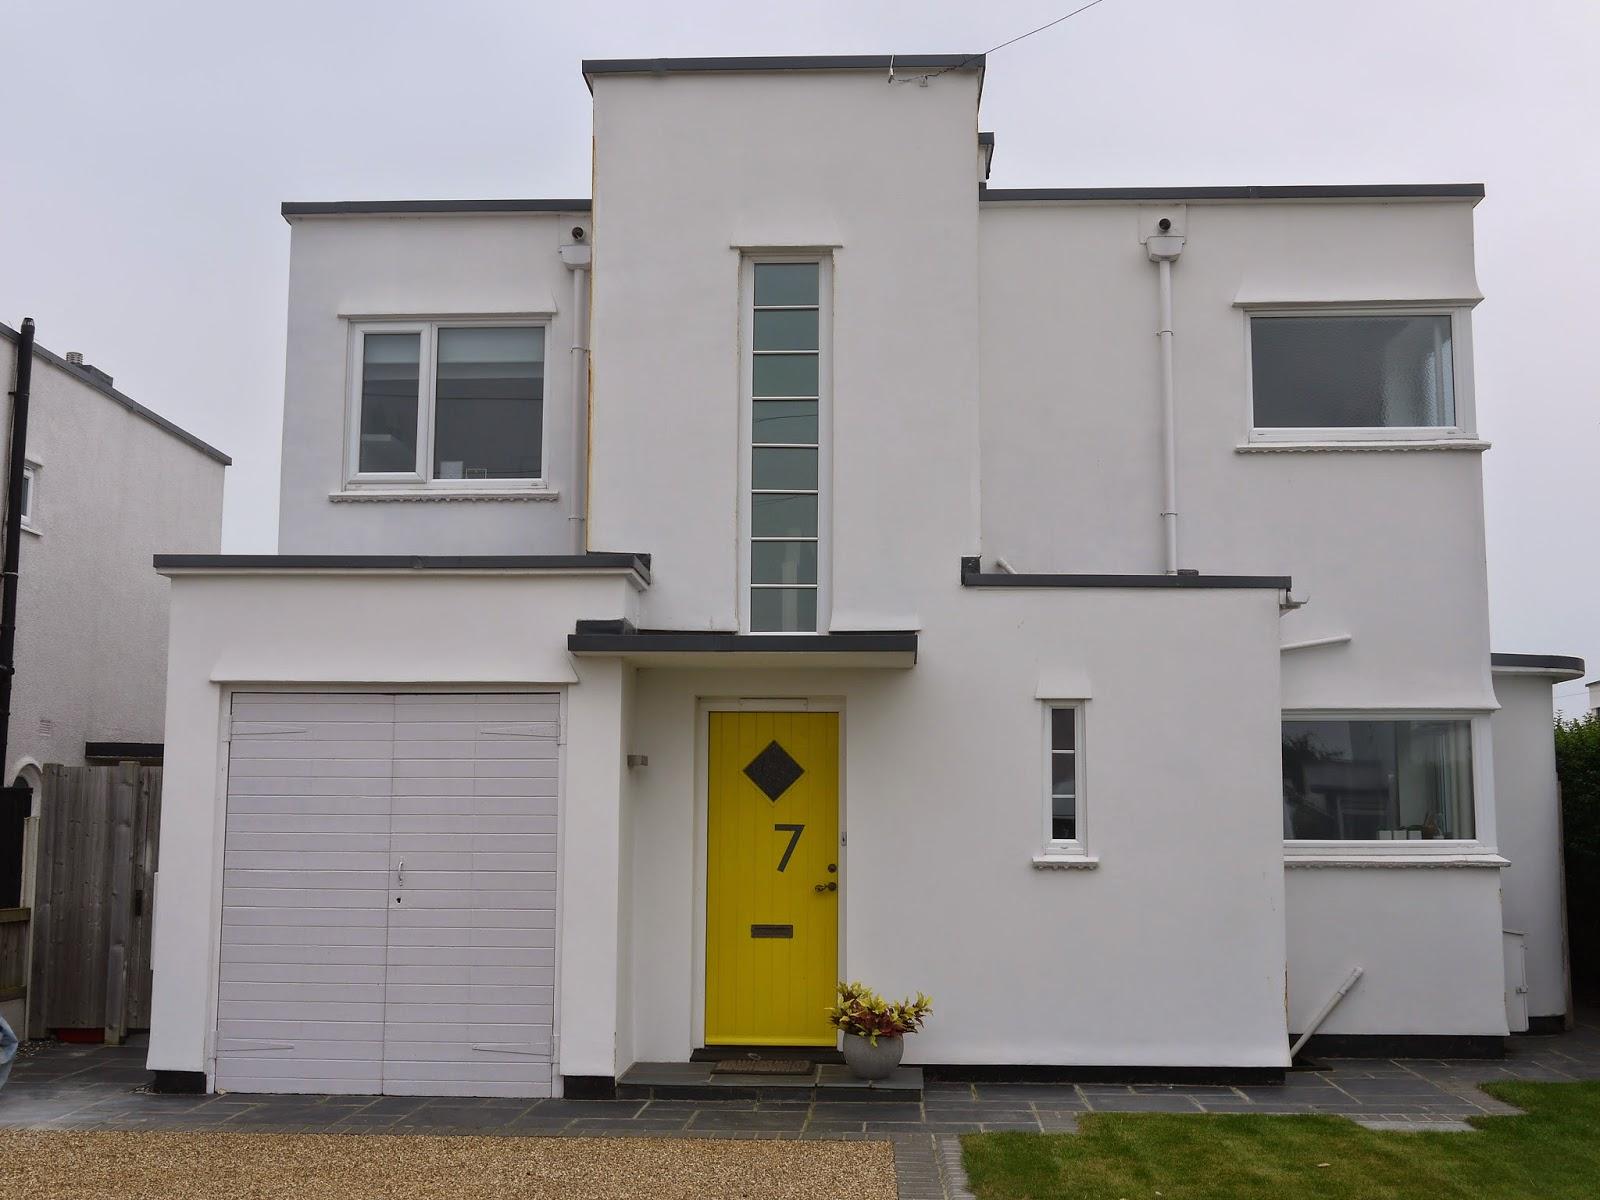 Adrian Yekkes: Essex Art Deco